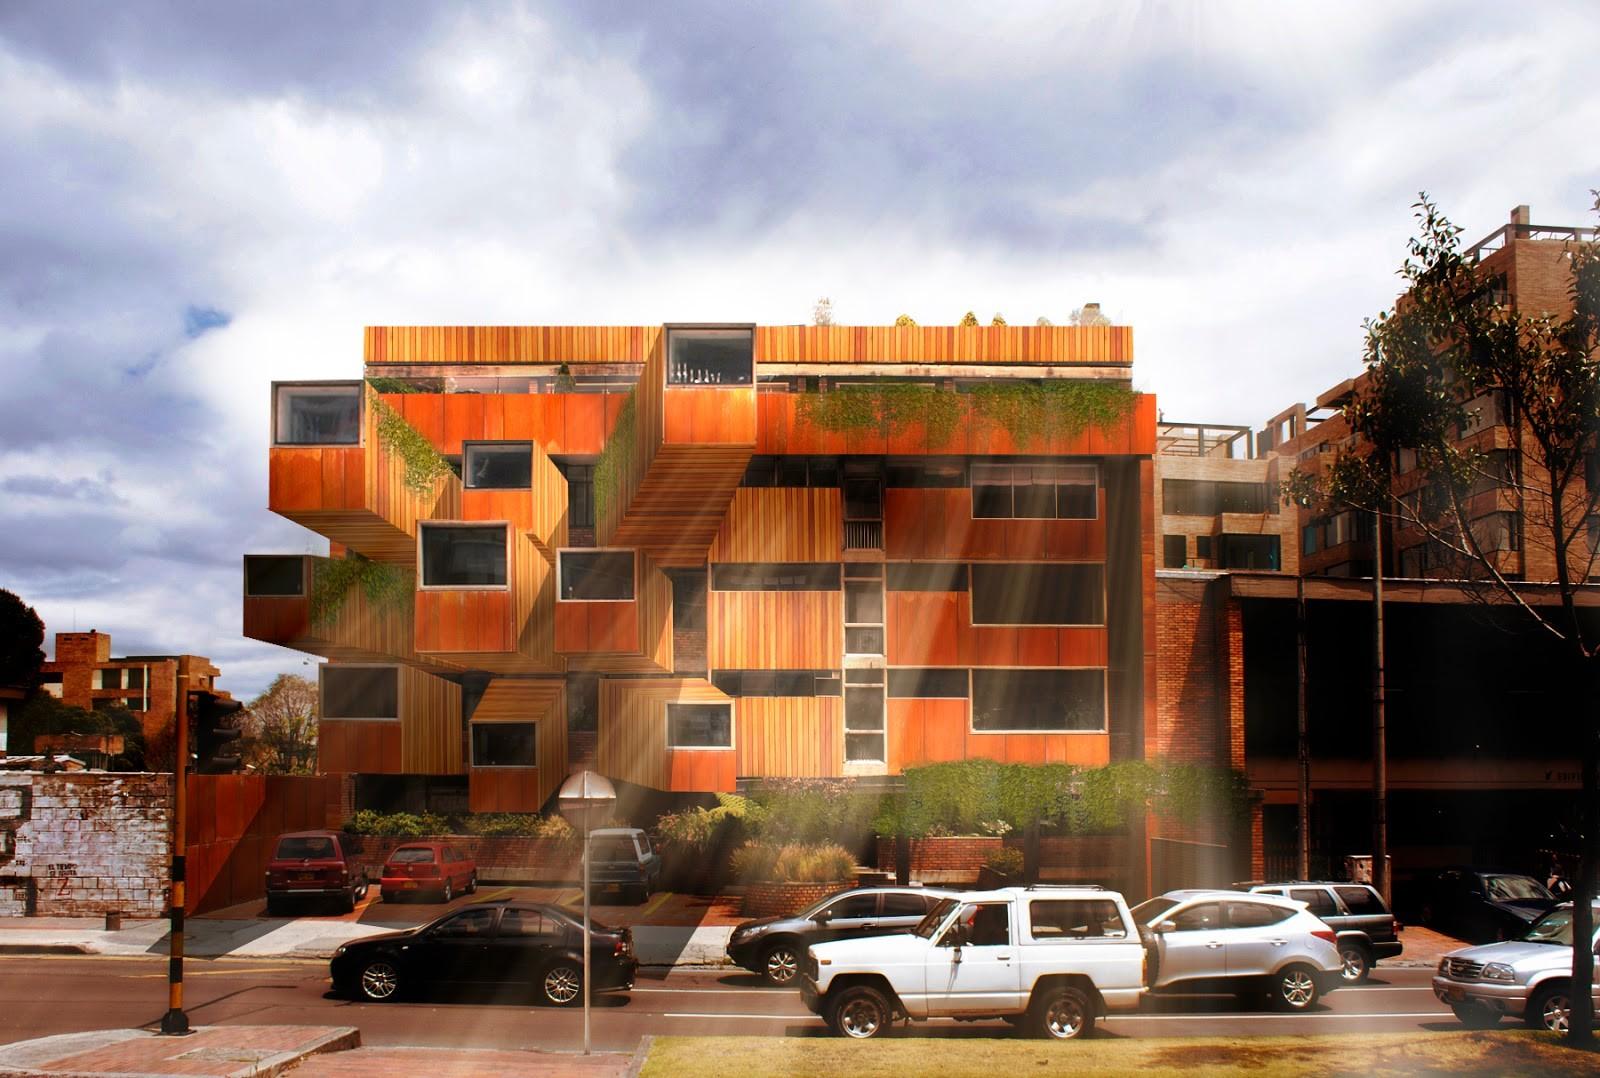 Ganadores del Desafío #EnchulaTuClásico, Propuesta de Iván Dario Sánchez: Edificio Giraldo / Fernando Martínez Sanabria